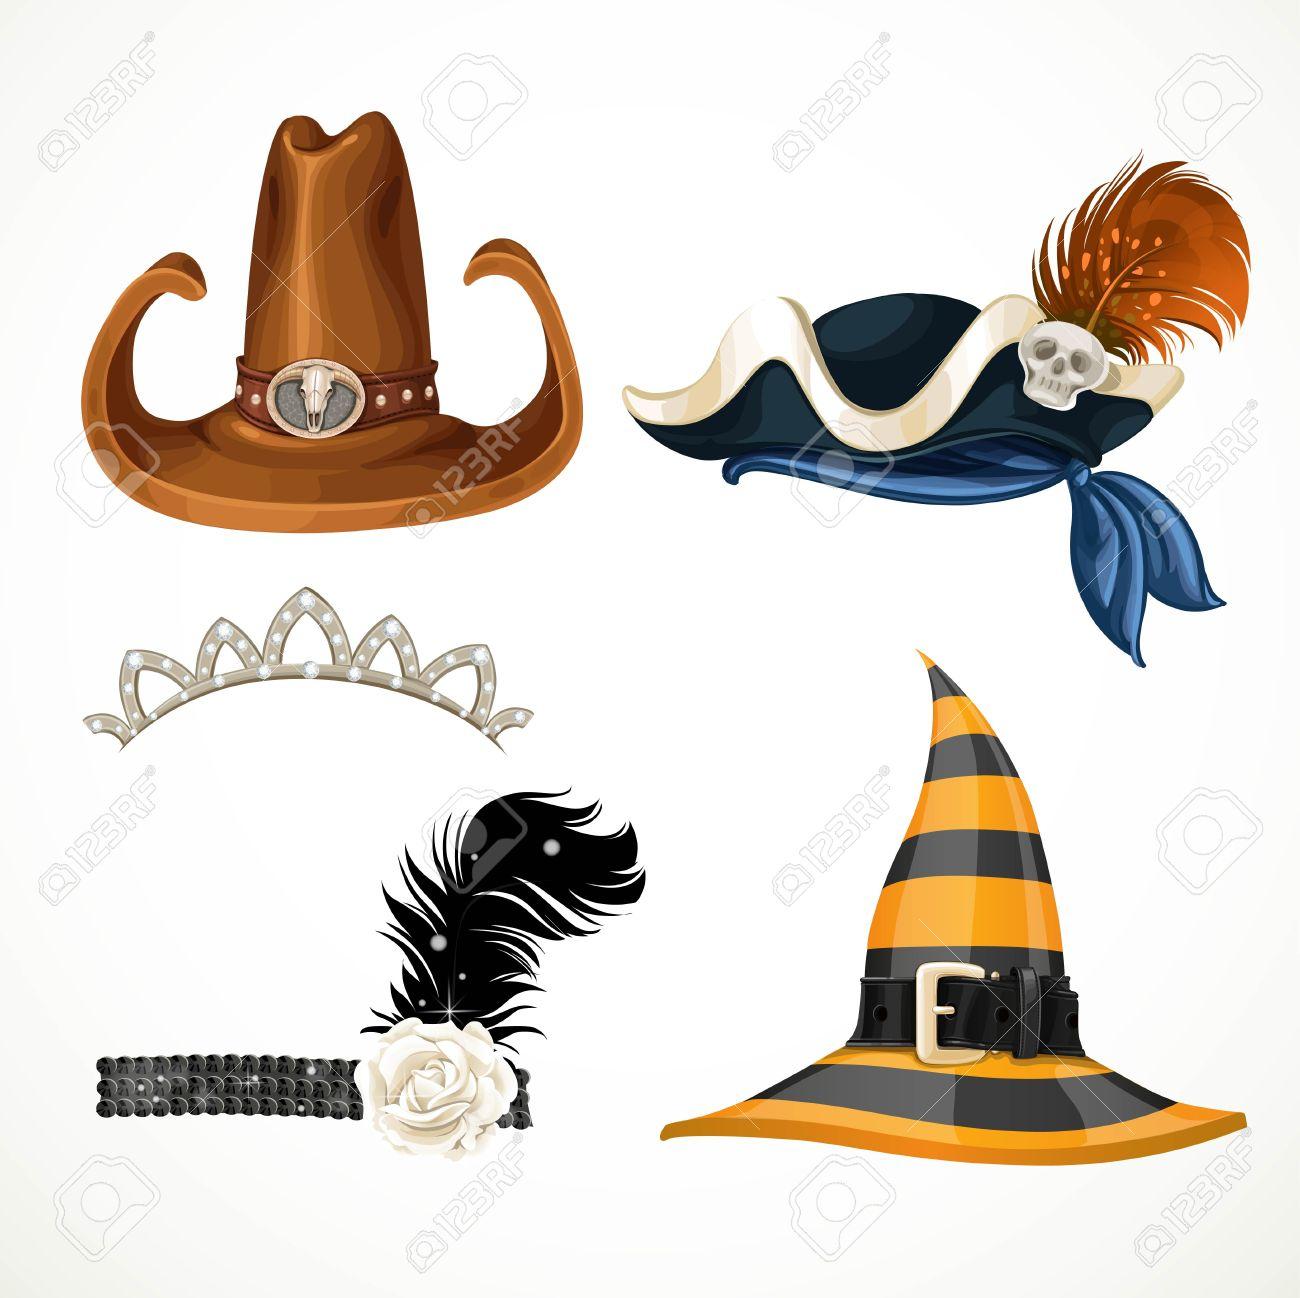 Jeu De Chapeaux Pour Les Costumes De Carnaval - Rétro, Diadème, Sorcière,  Chapeau De Pirate Et Chapeau De Cowboy Isolé Sur Un Fond Blanc à Jeu Des Chapeaux